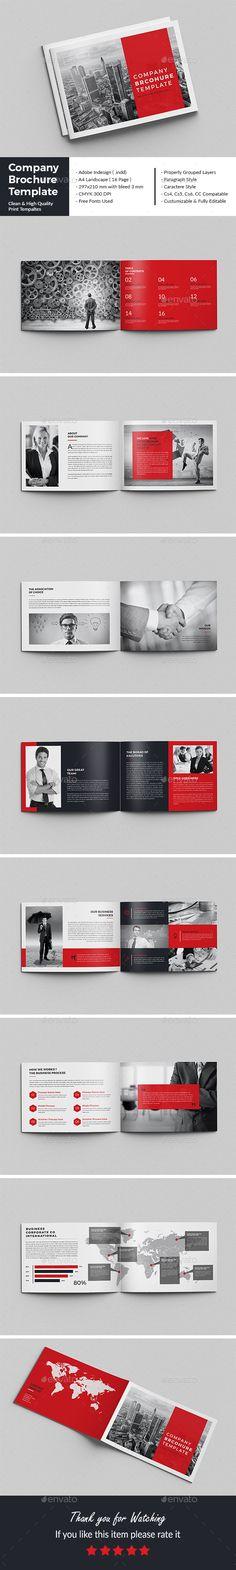 Bifold Corporate Brochure  Template Corporate Brochure Design